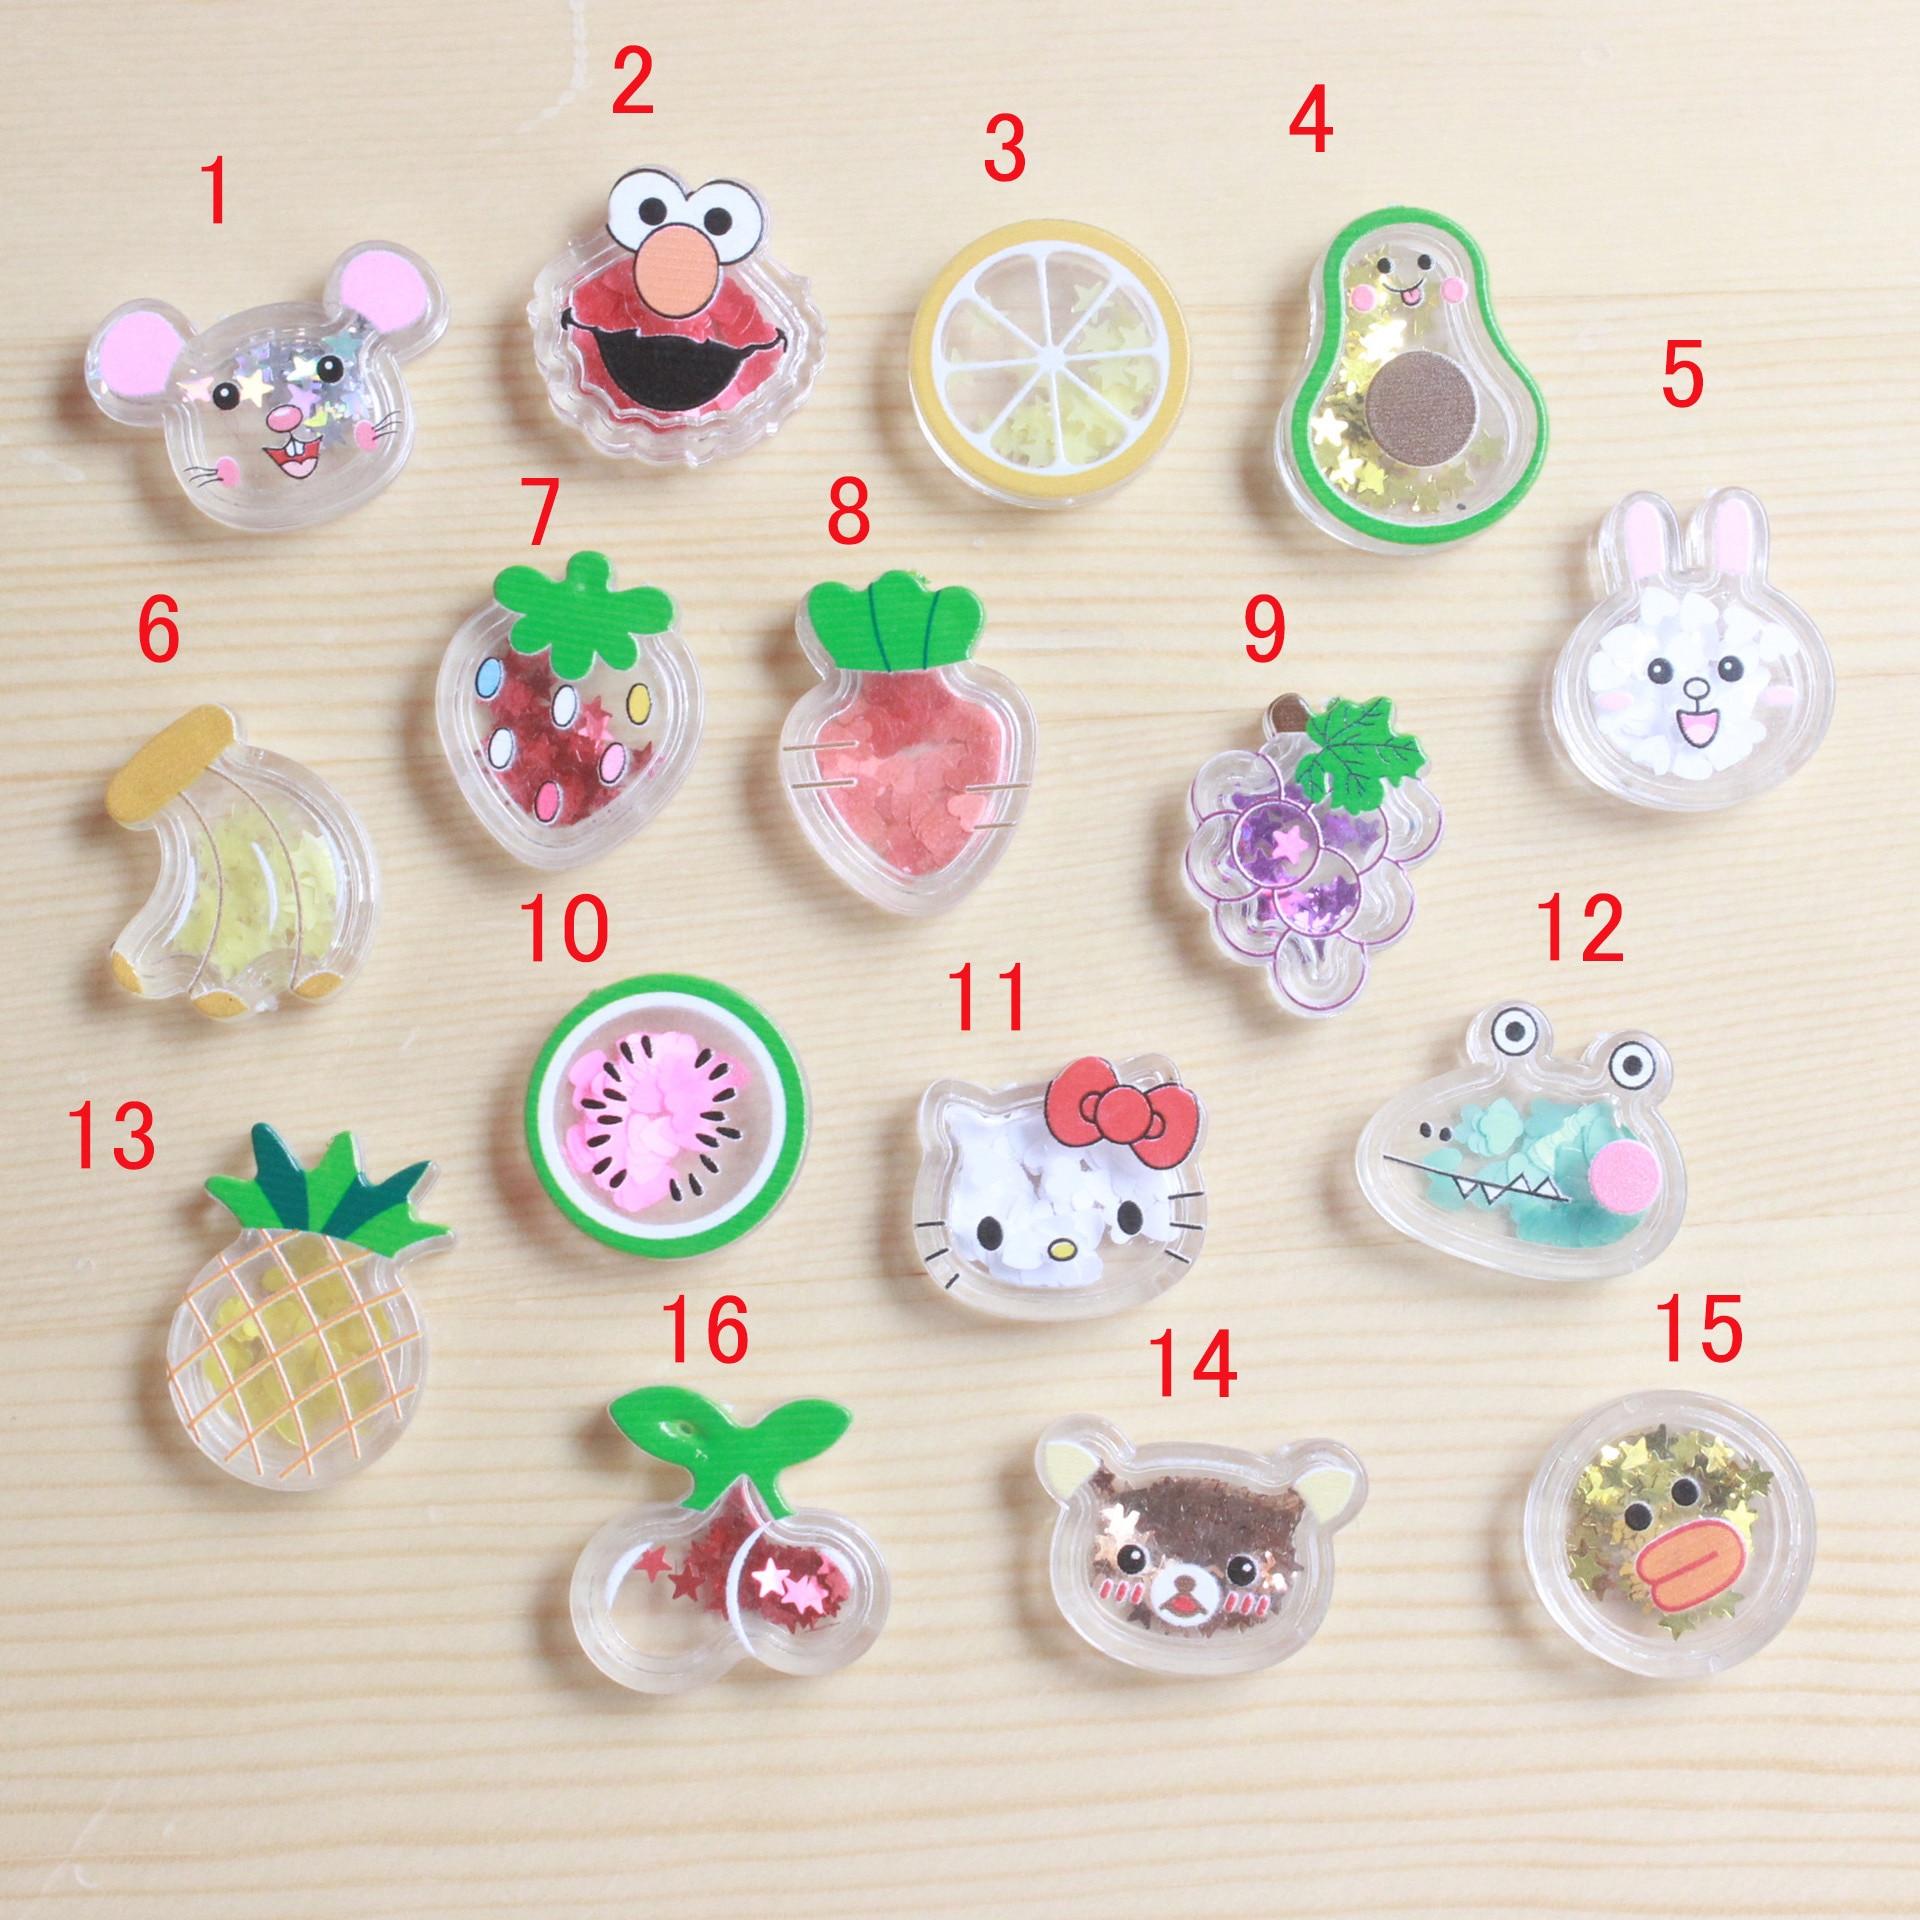 10Pcs Kawaii Transparent Quicksand Cartoon Fruit Flat Back Resin Cabochon Embellishments Scrapbook Craft DIY Hair Accessories